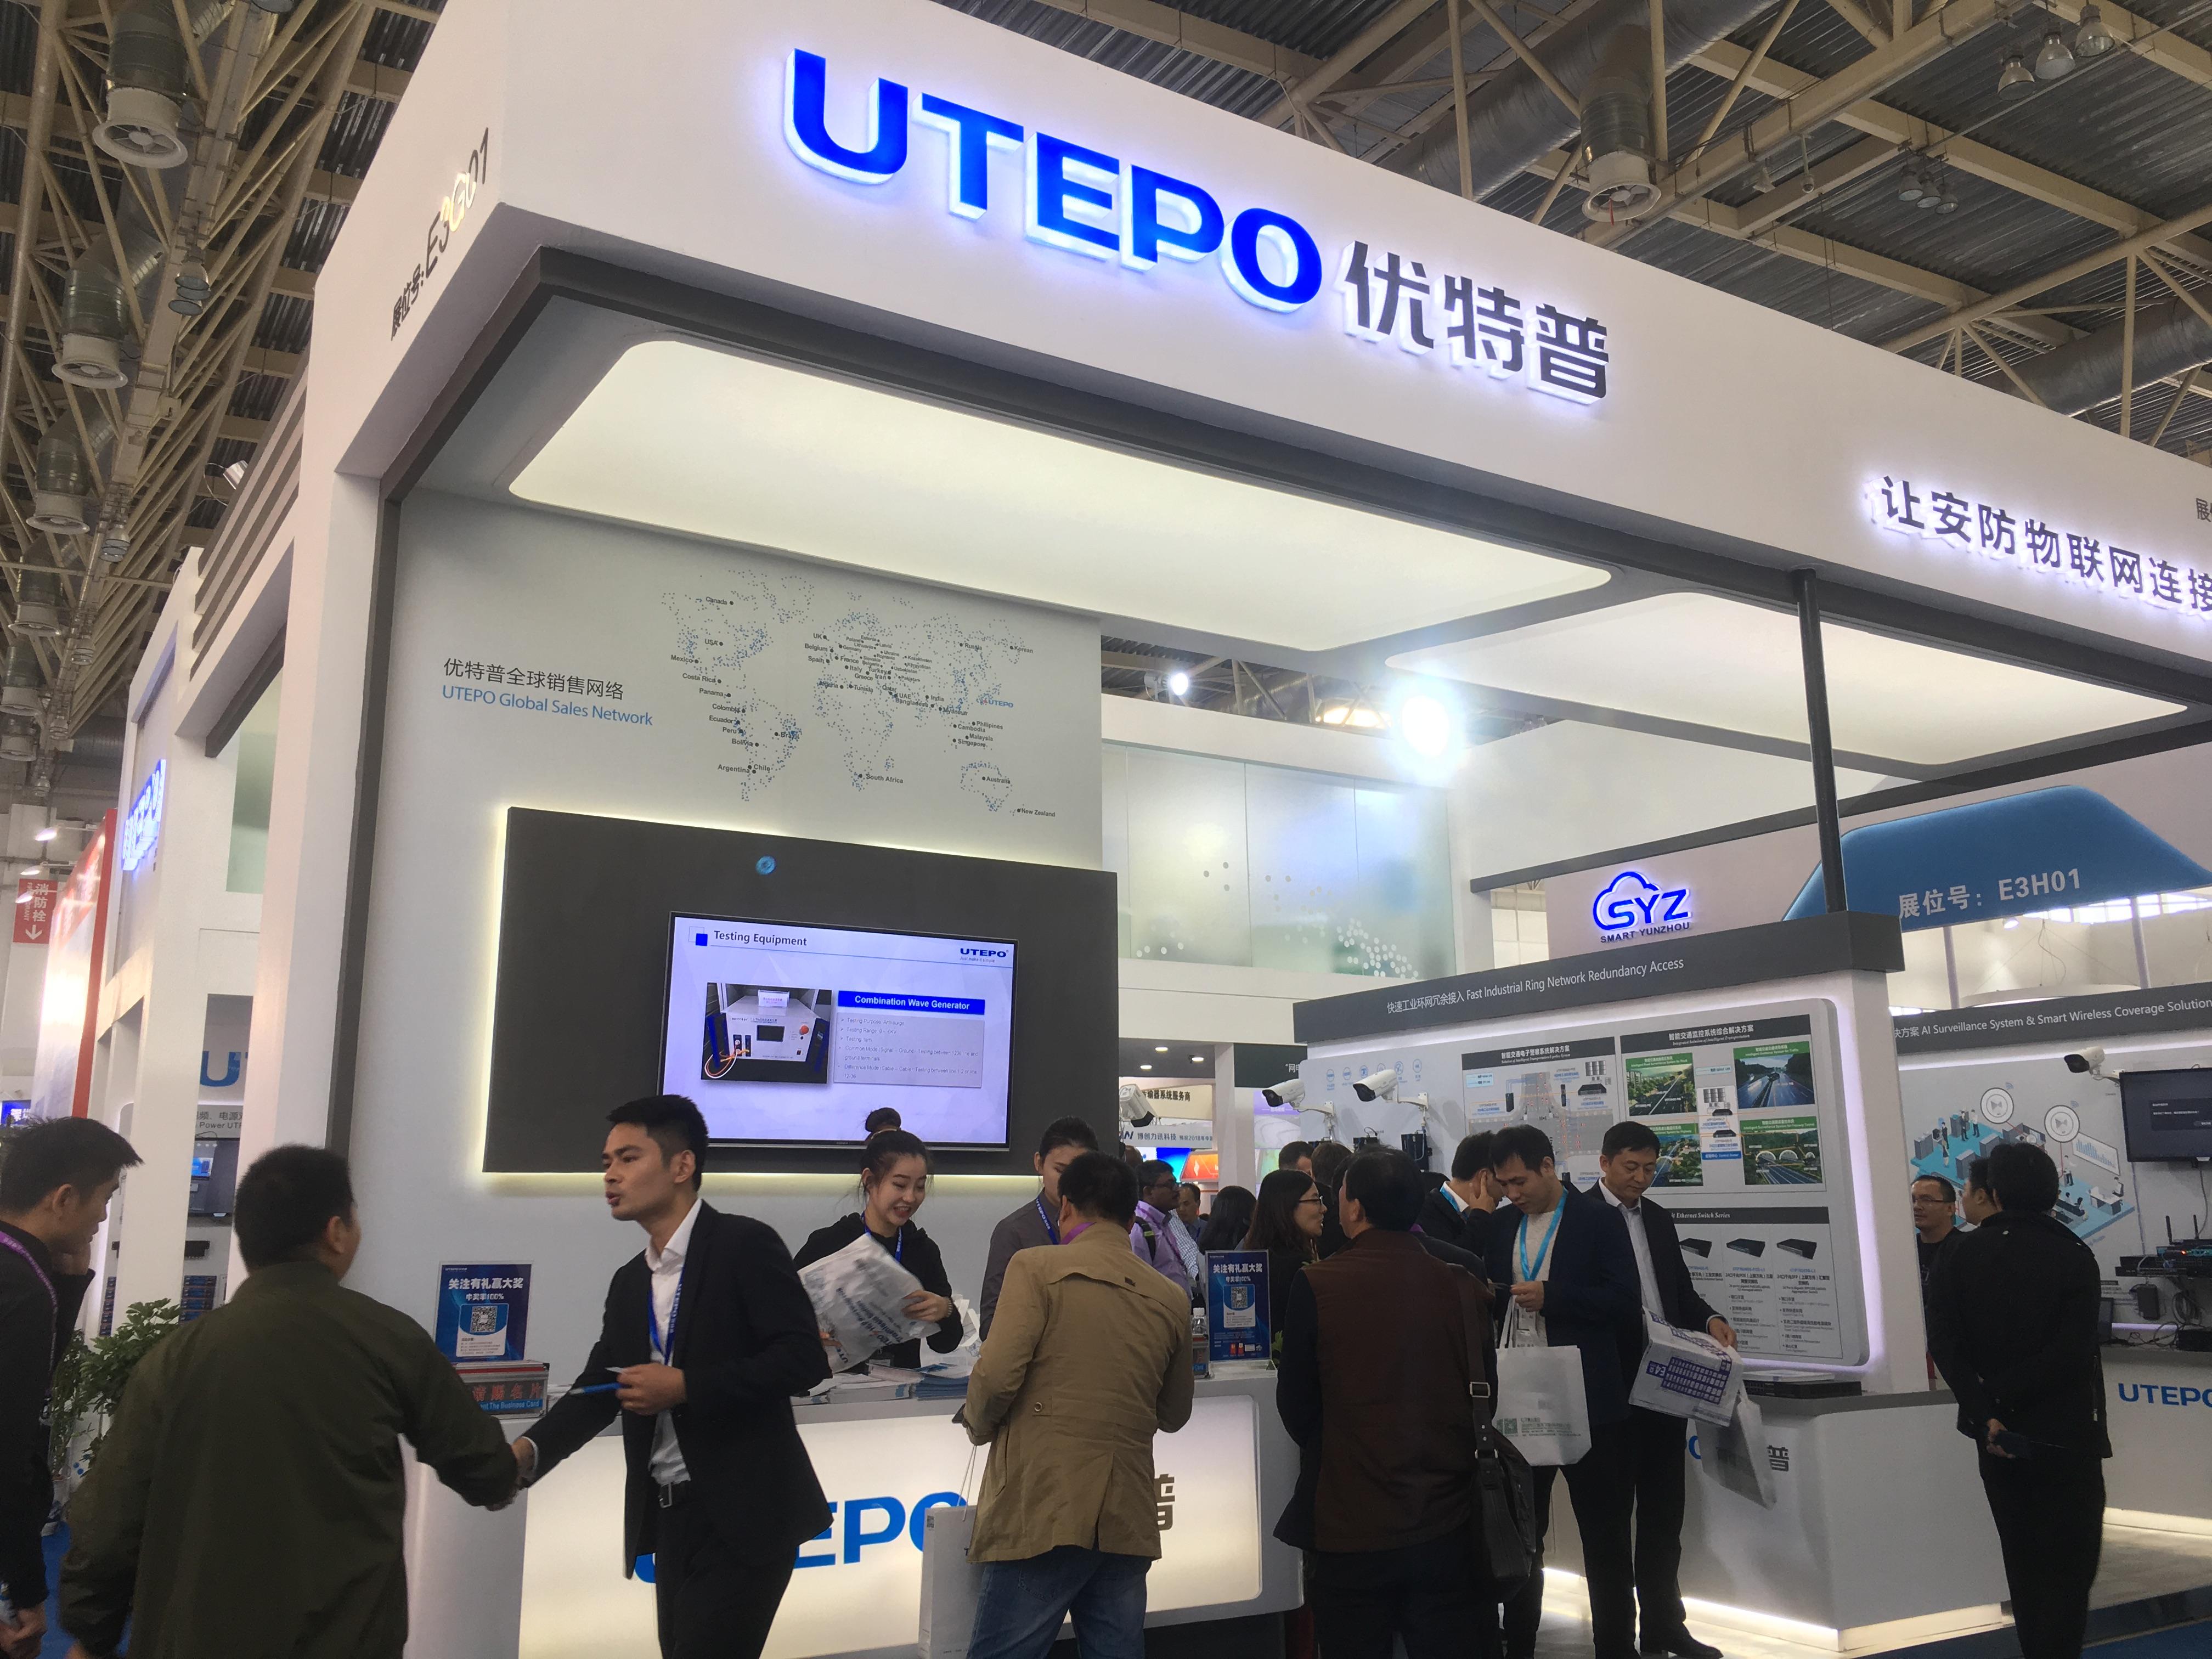 全新升级,优特普AI安防及物联网解决方案闪耀2018北京安博会